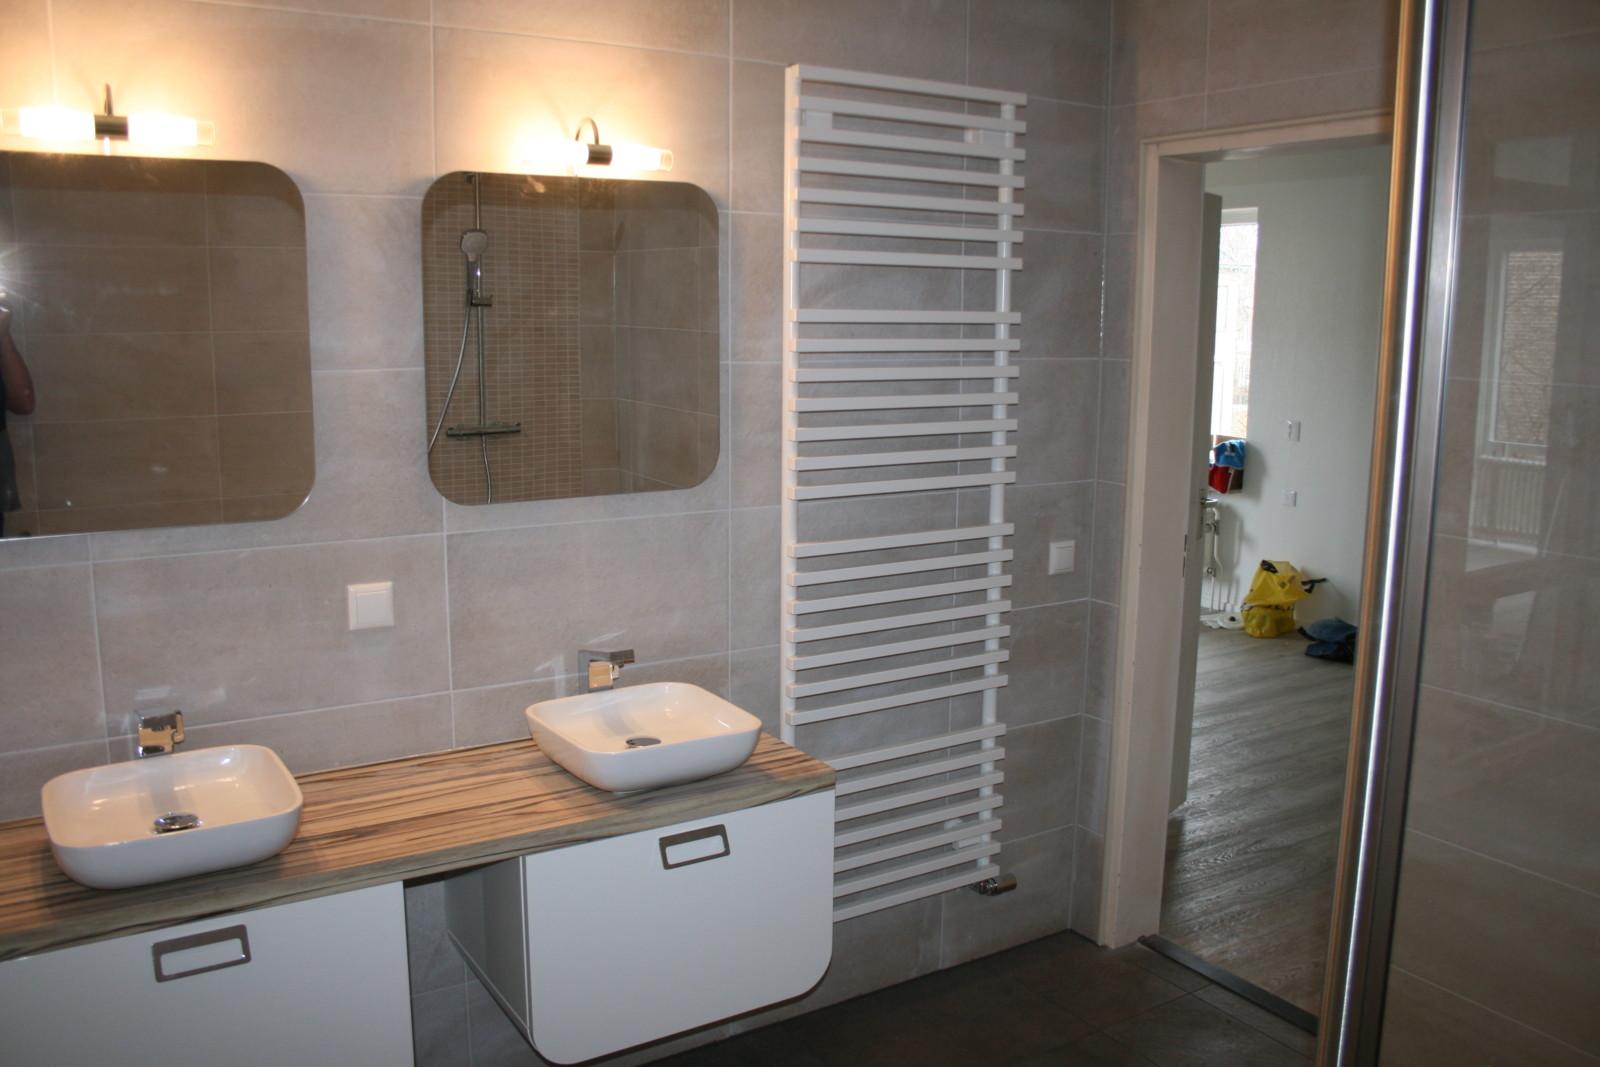 Badkamer, Toilet en Keuken Verbouwing Apeldoorn - De Klussenier Erik ...